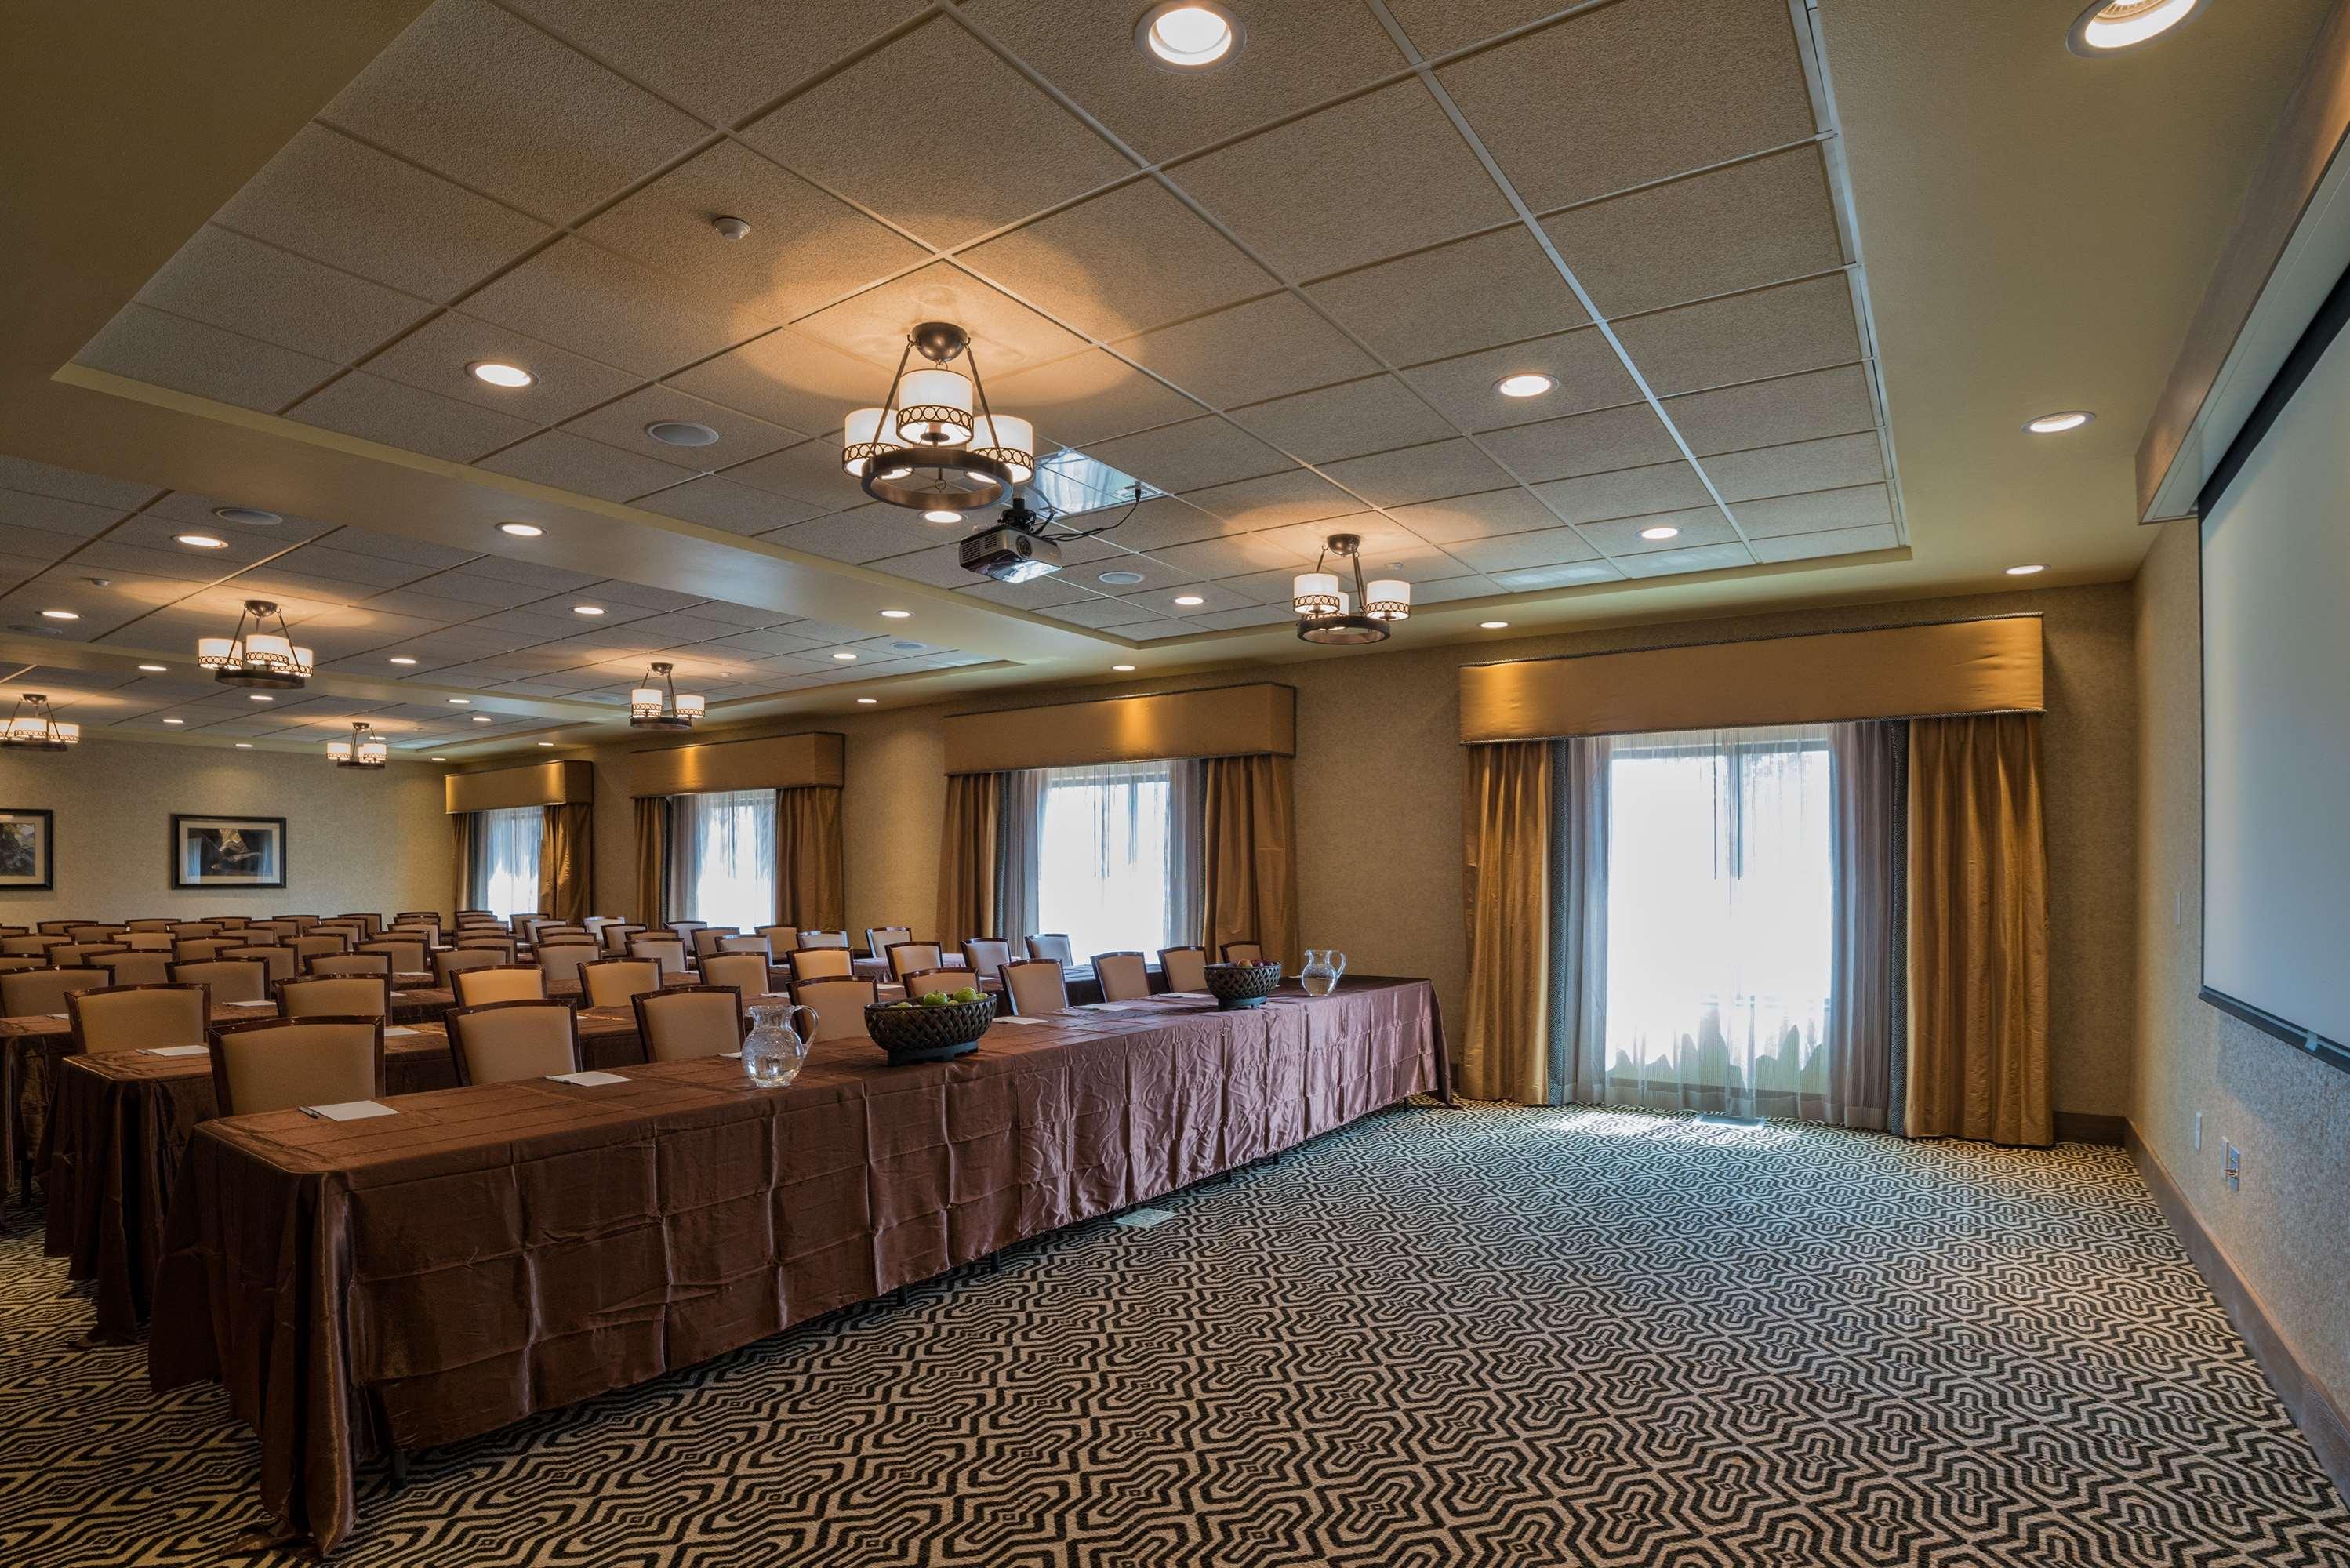 Hampton Inn & Suites Springdale/Zion National Park image 22